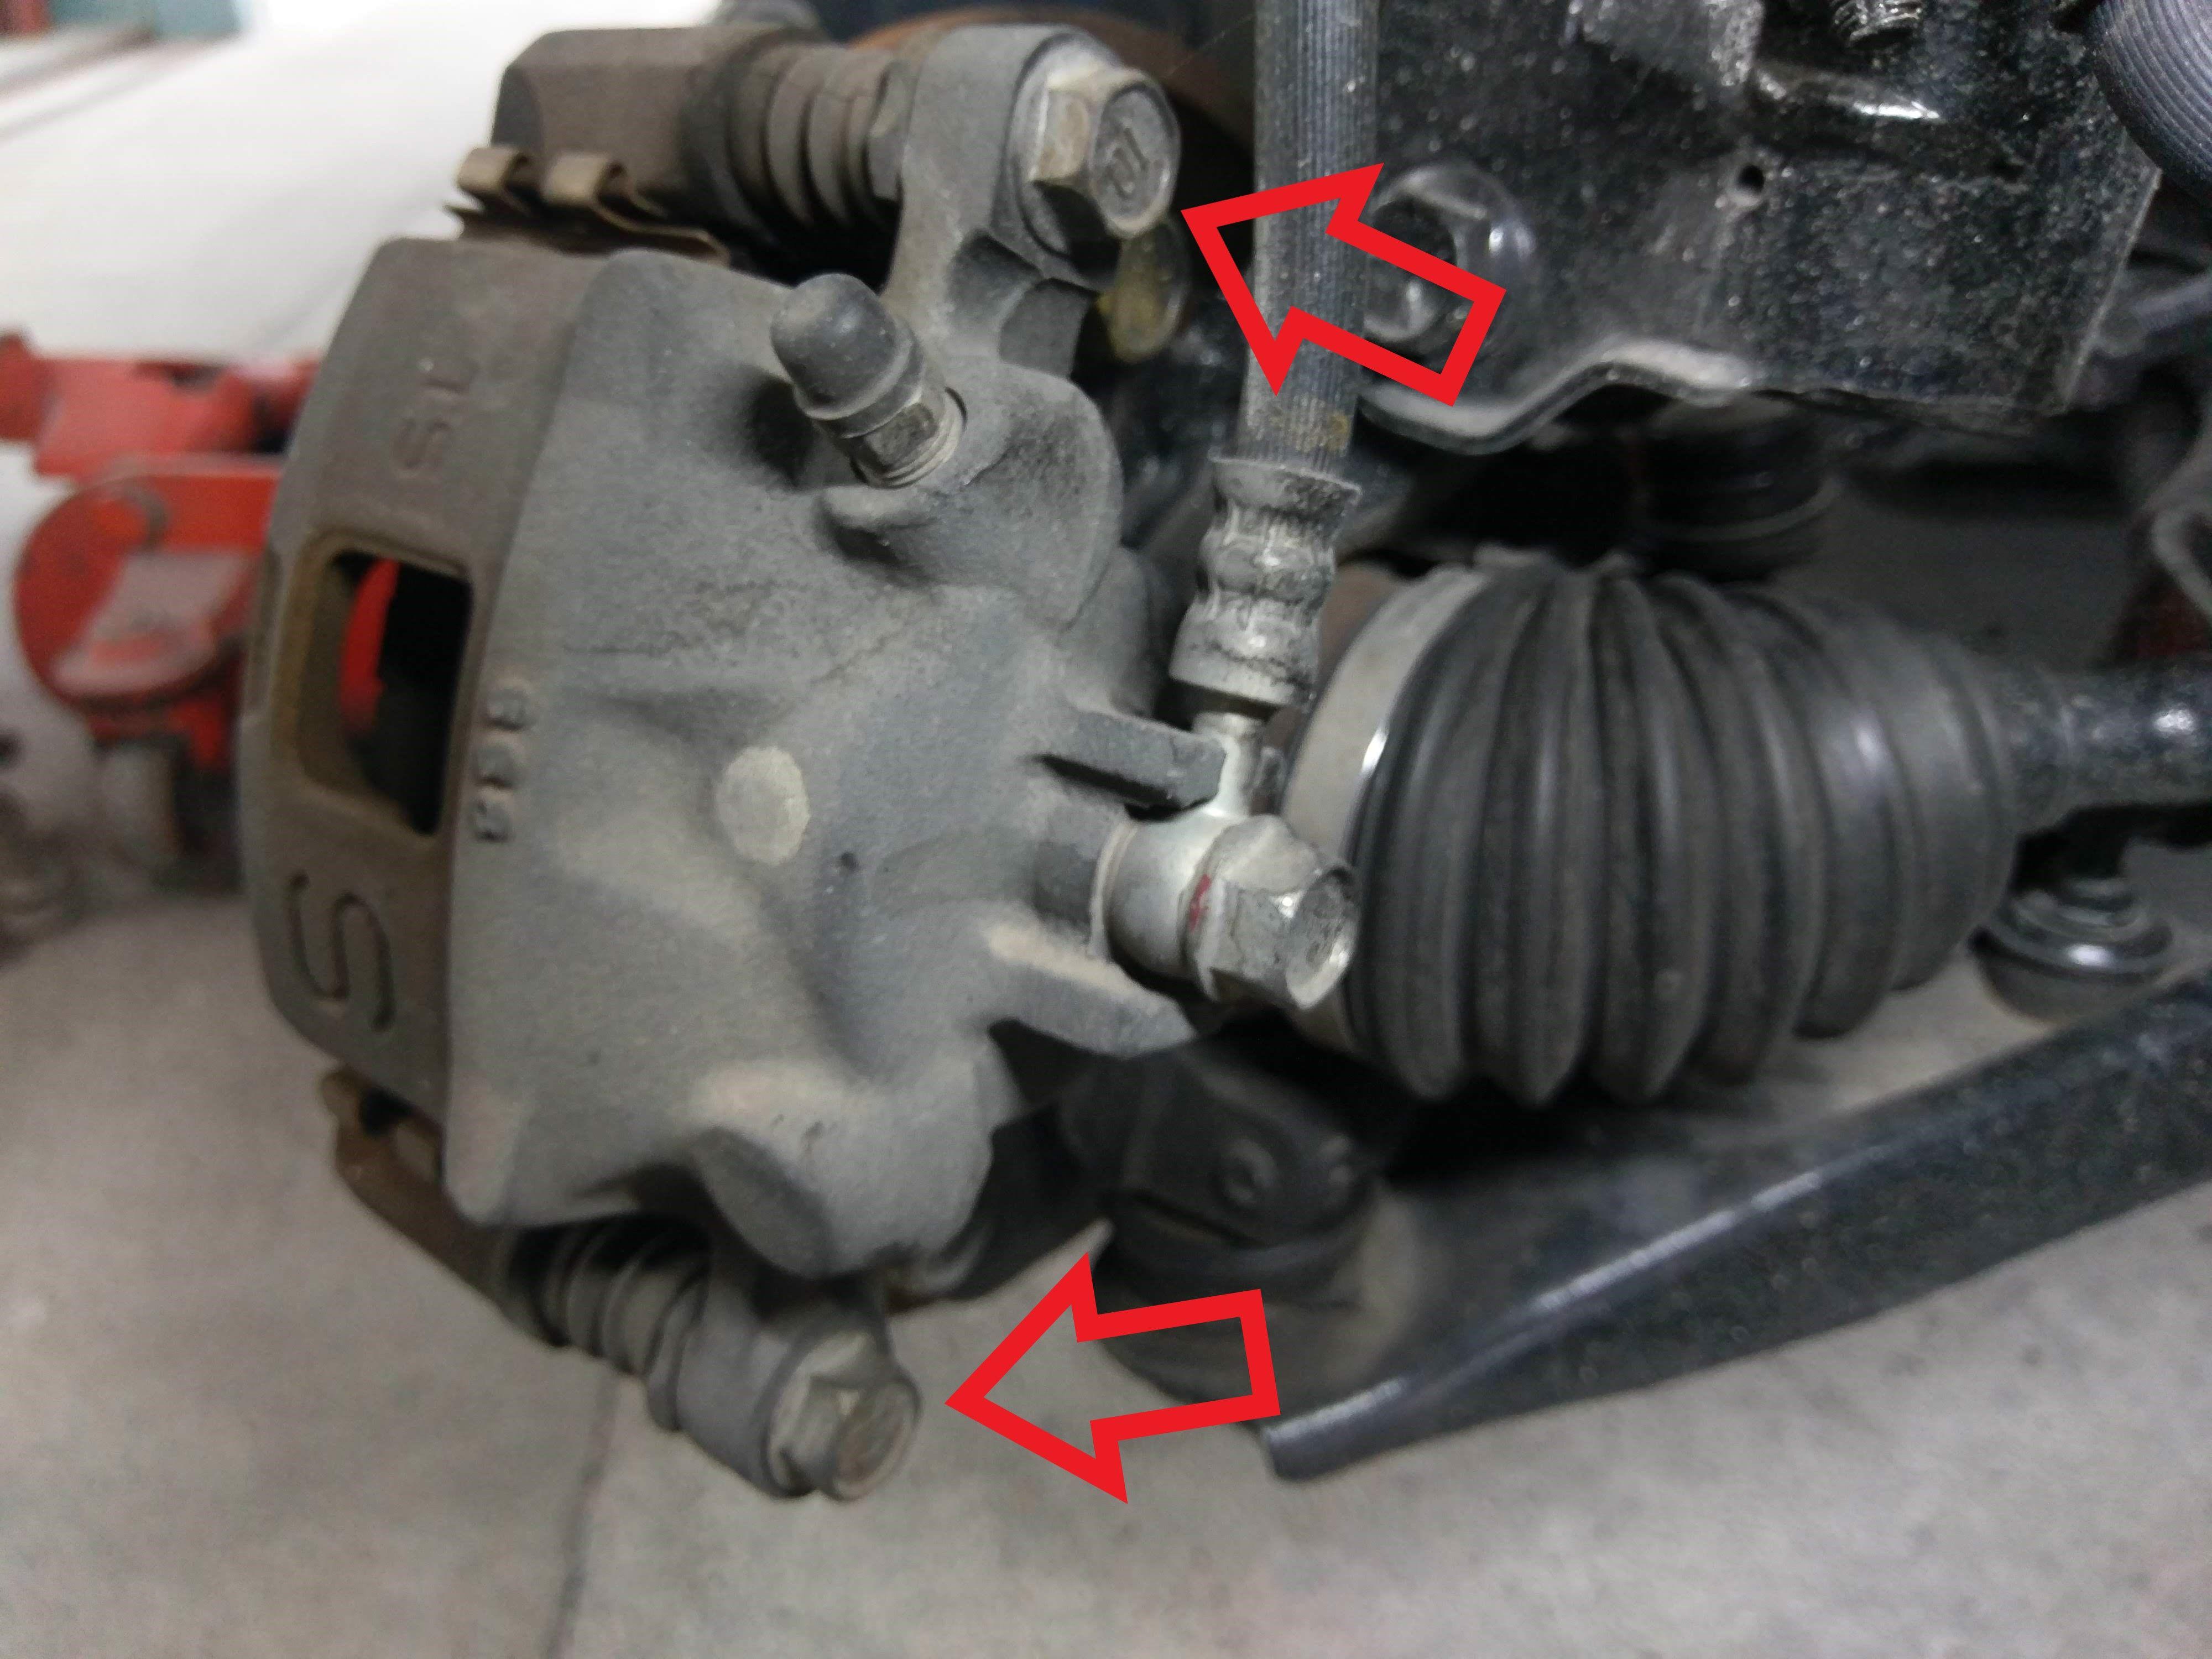 ワゴンr Mh21sブレーキキャリパ固定ボルト締め付けトルク ワゴンr スズキワゴンr ワゴン